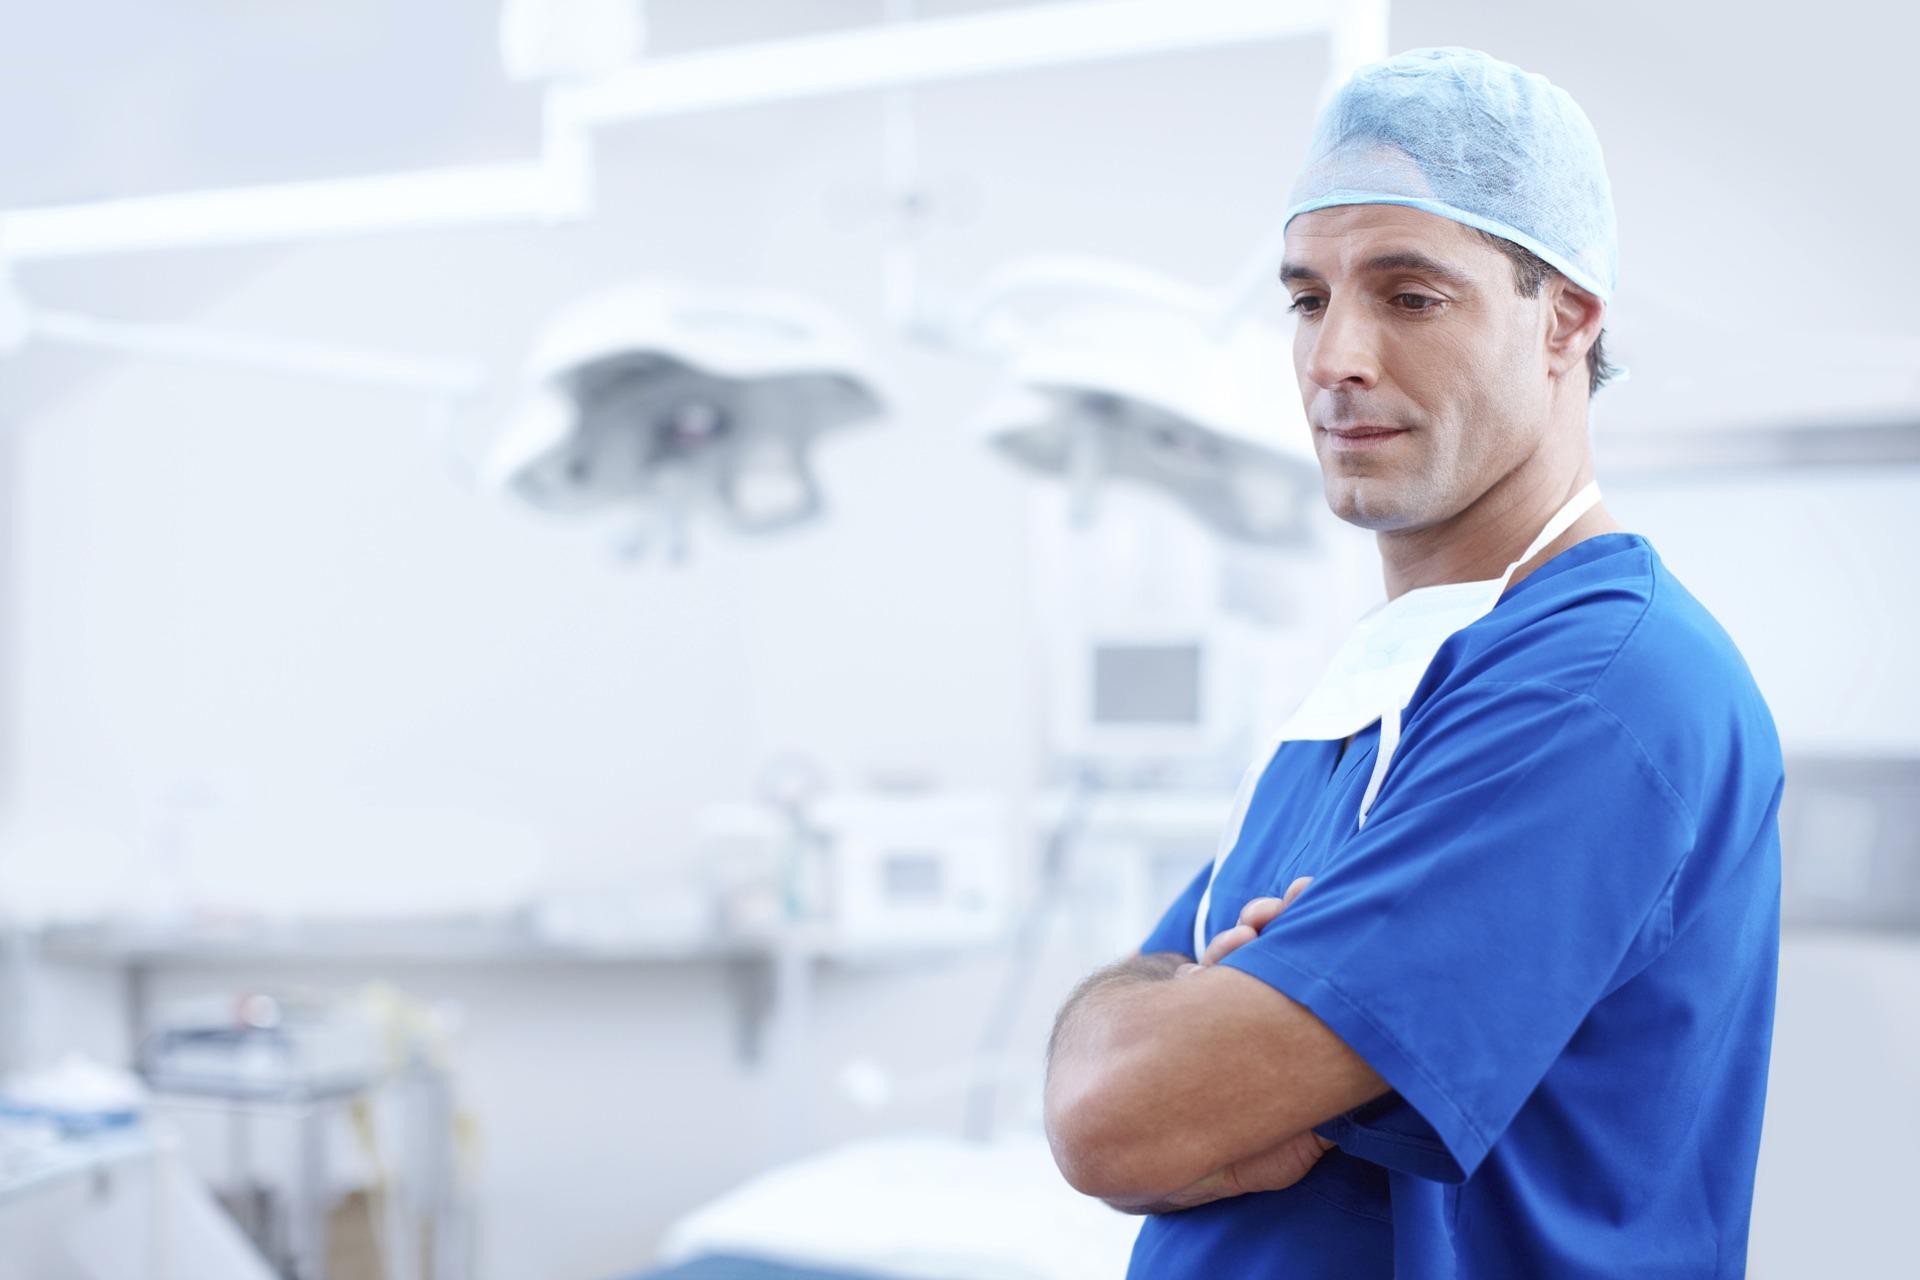 Vull ser un pacient actiu i informat: per on començo?